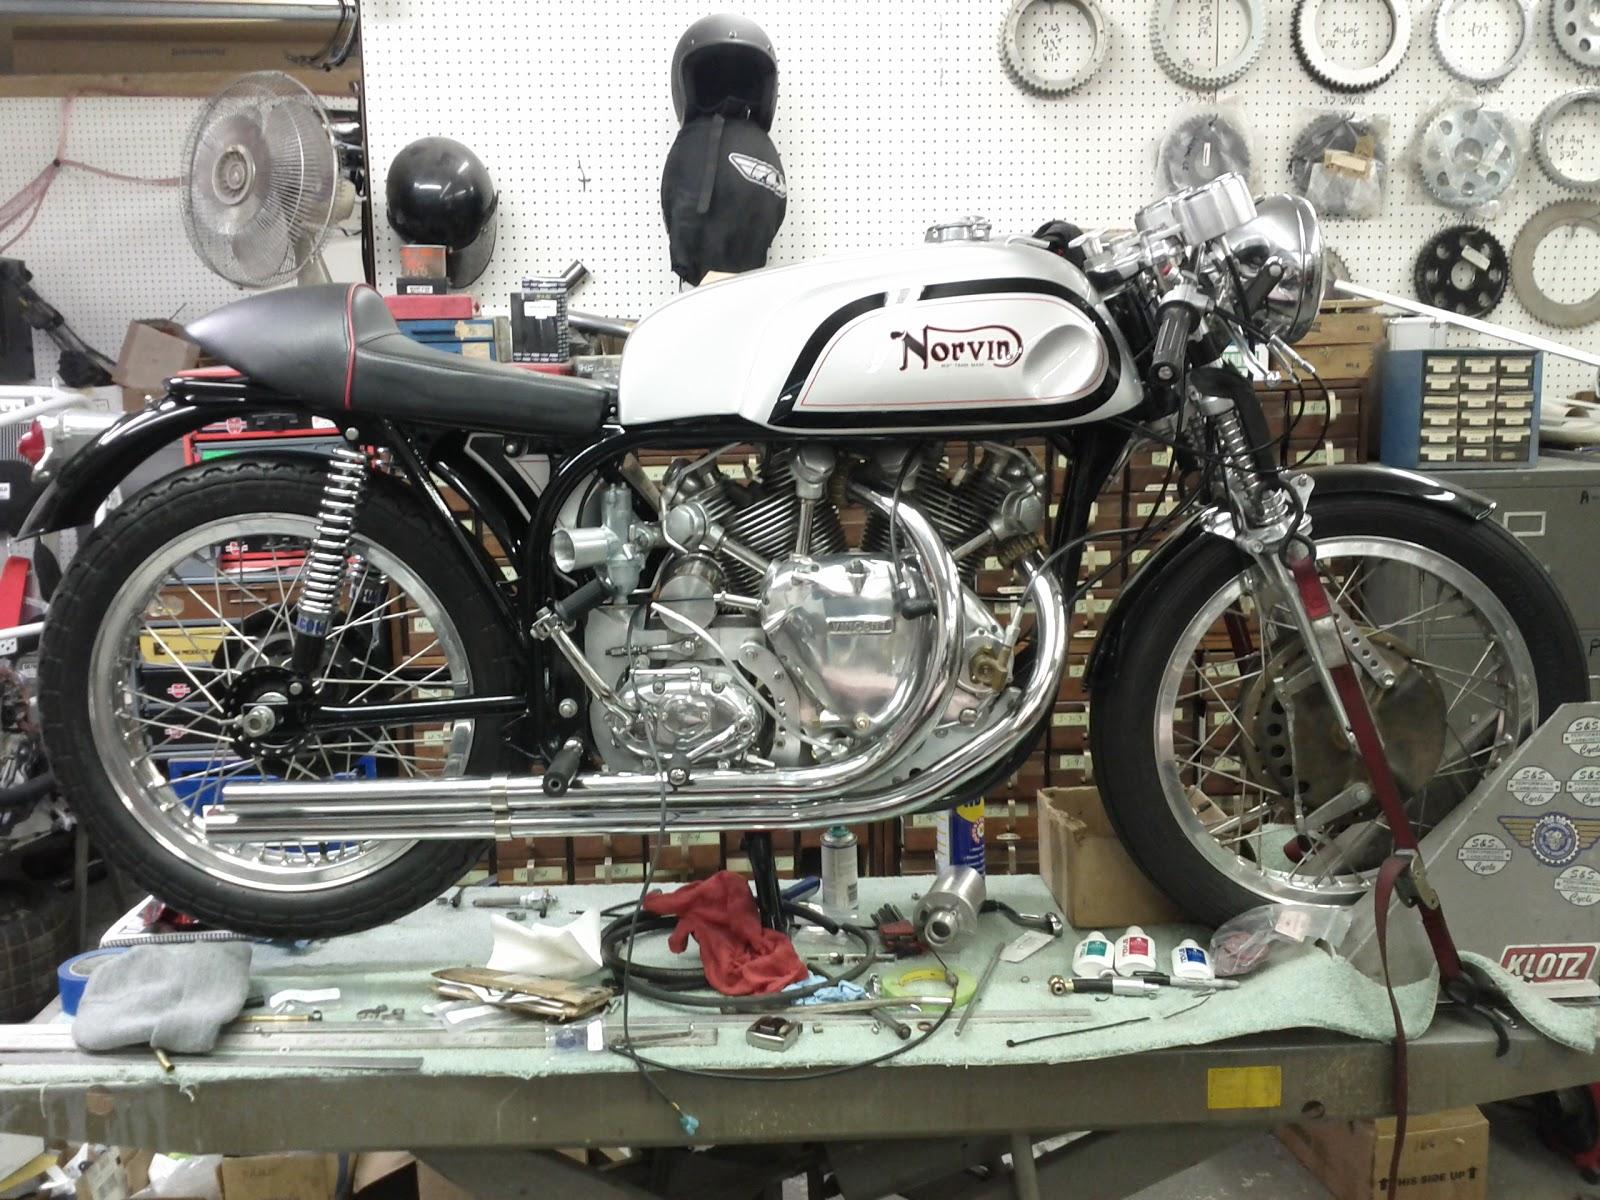 Musings Of A Motorcycle Aficionado          March 2013